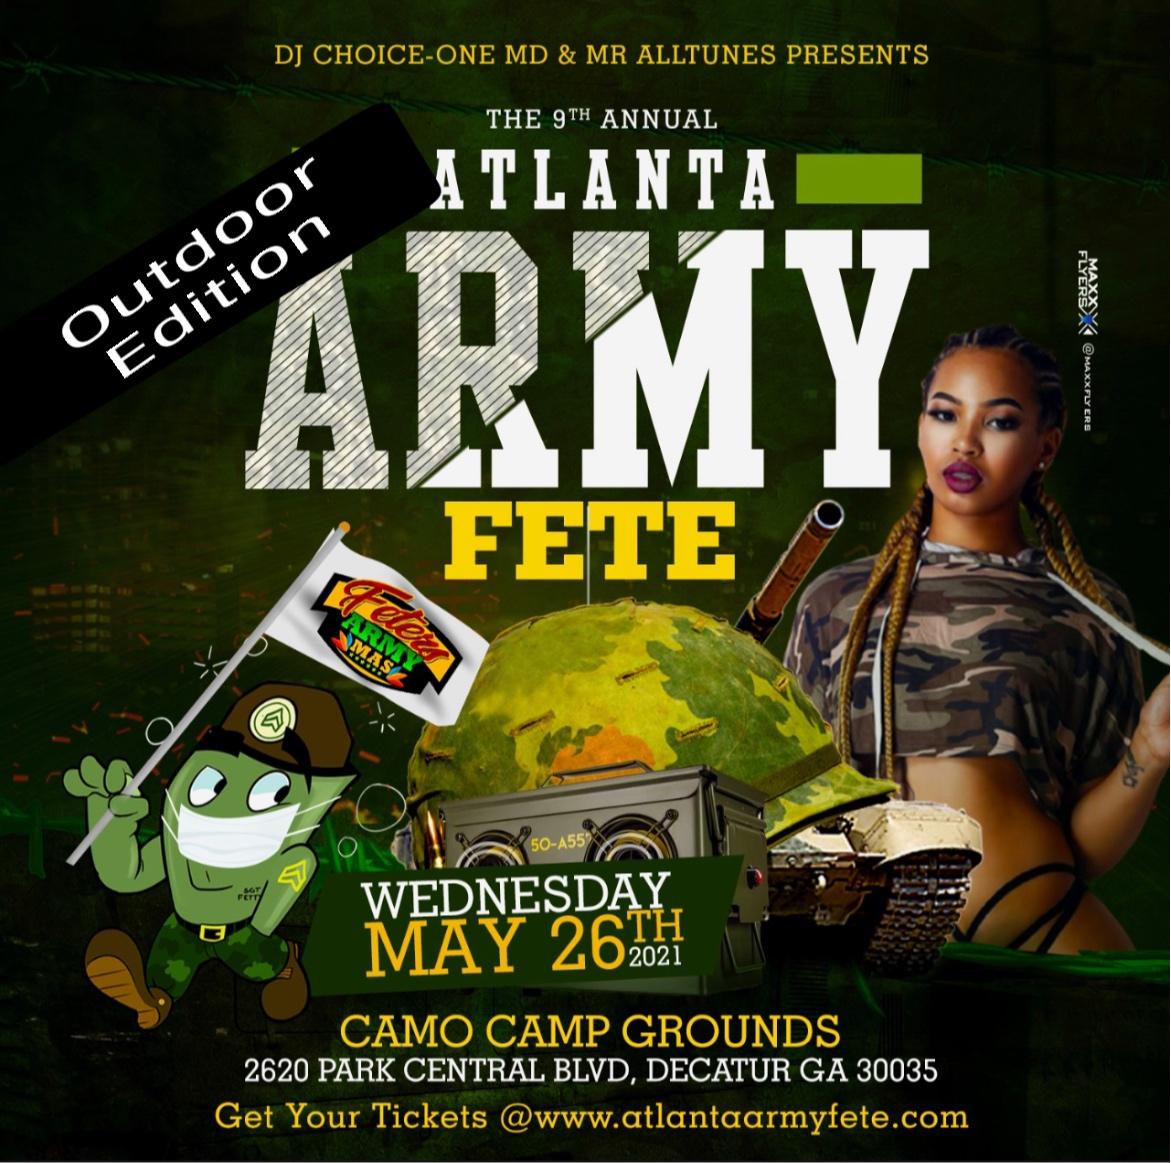 ATLANTA ARMY FETE